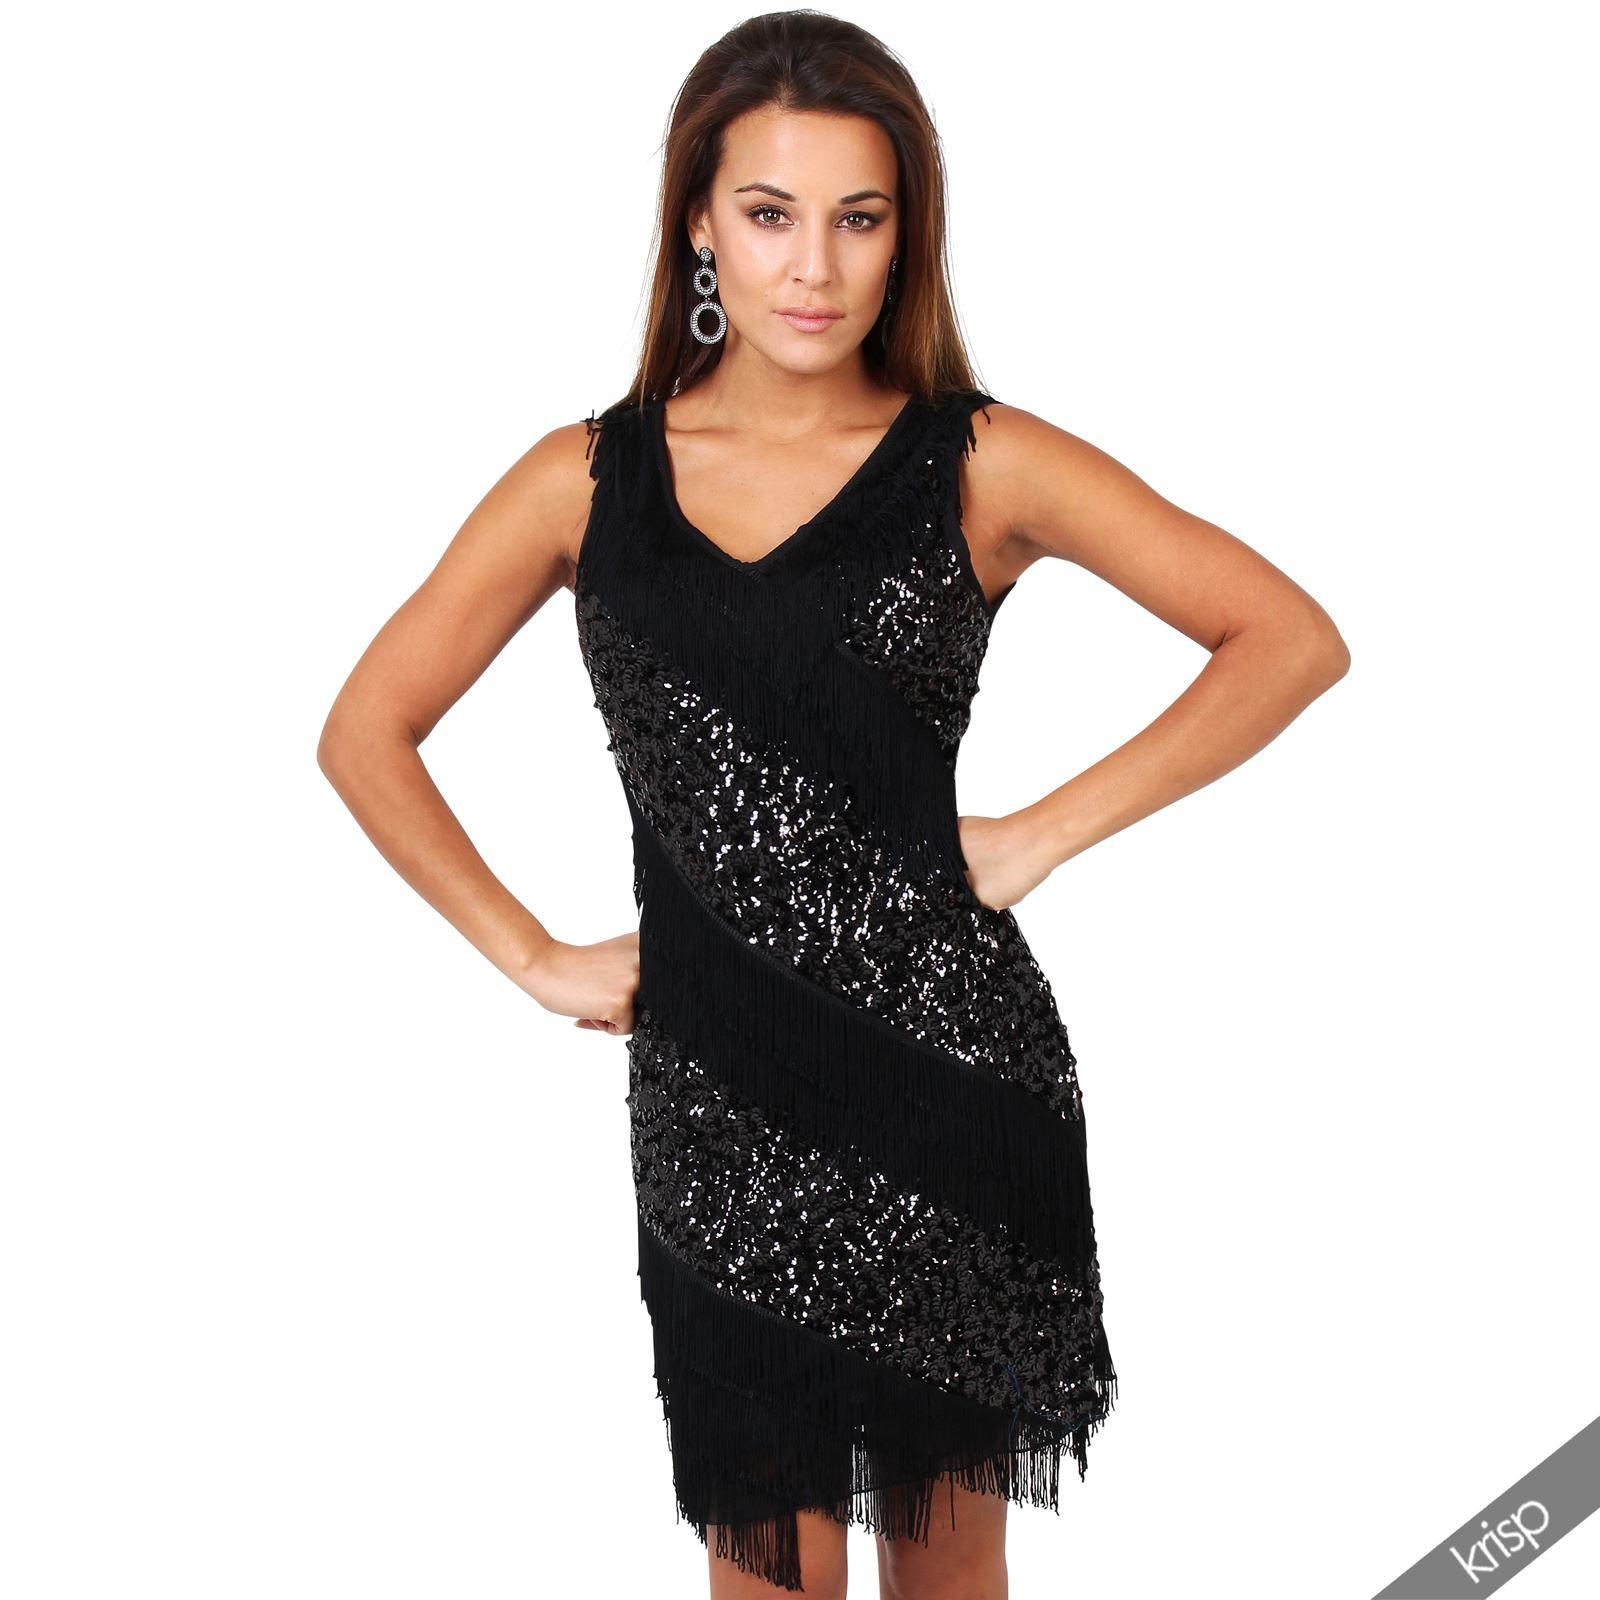 Damen Kleid Fransenkleid Pailletten 20Er Jahre Swing